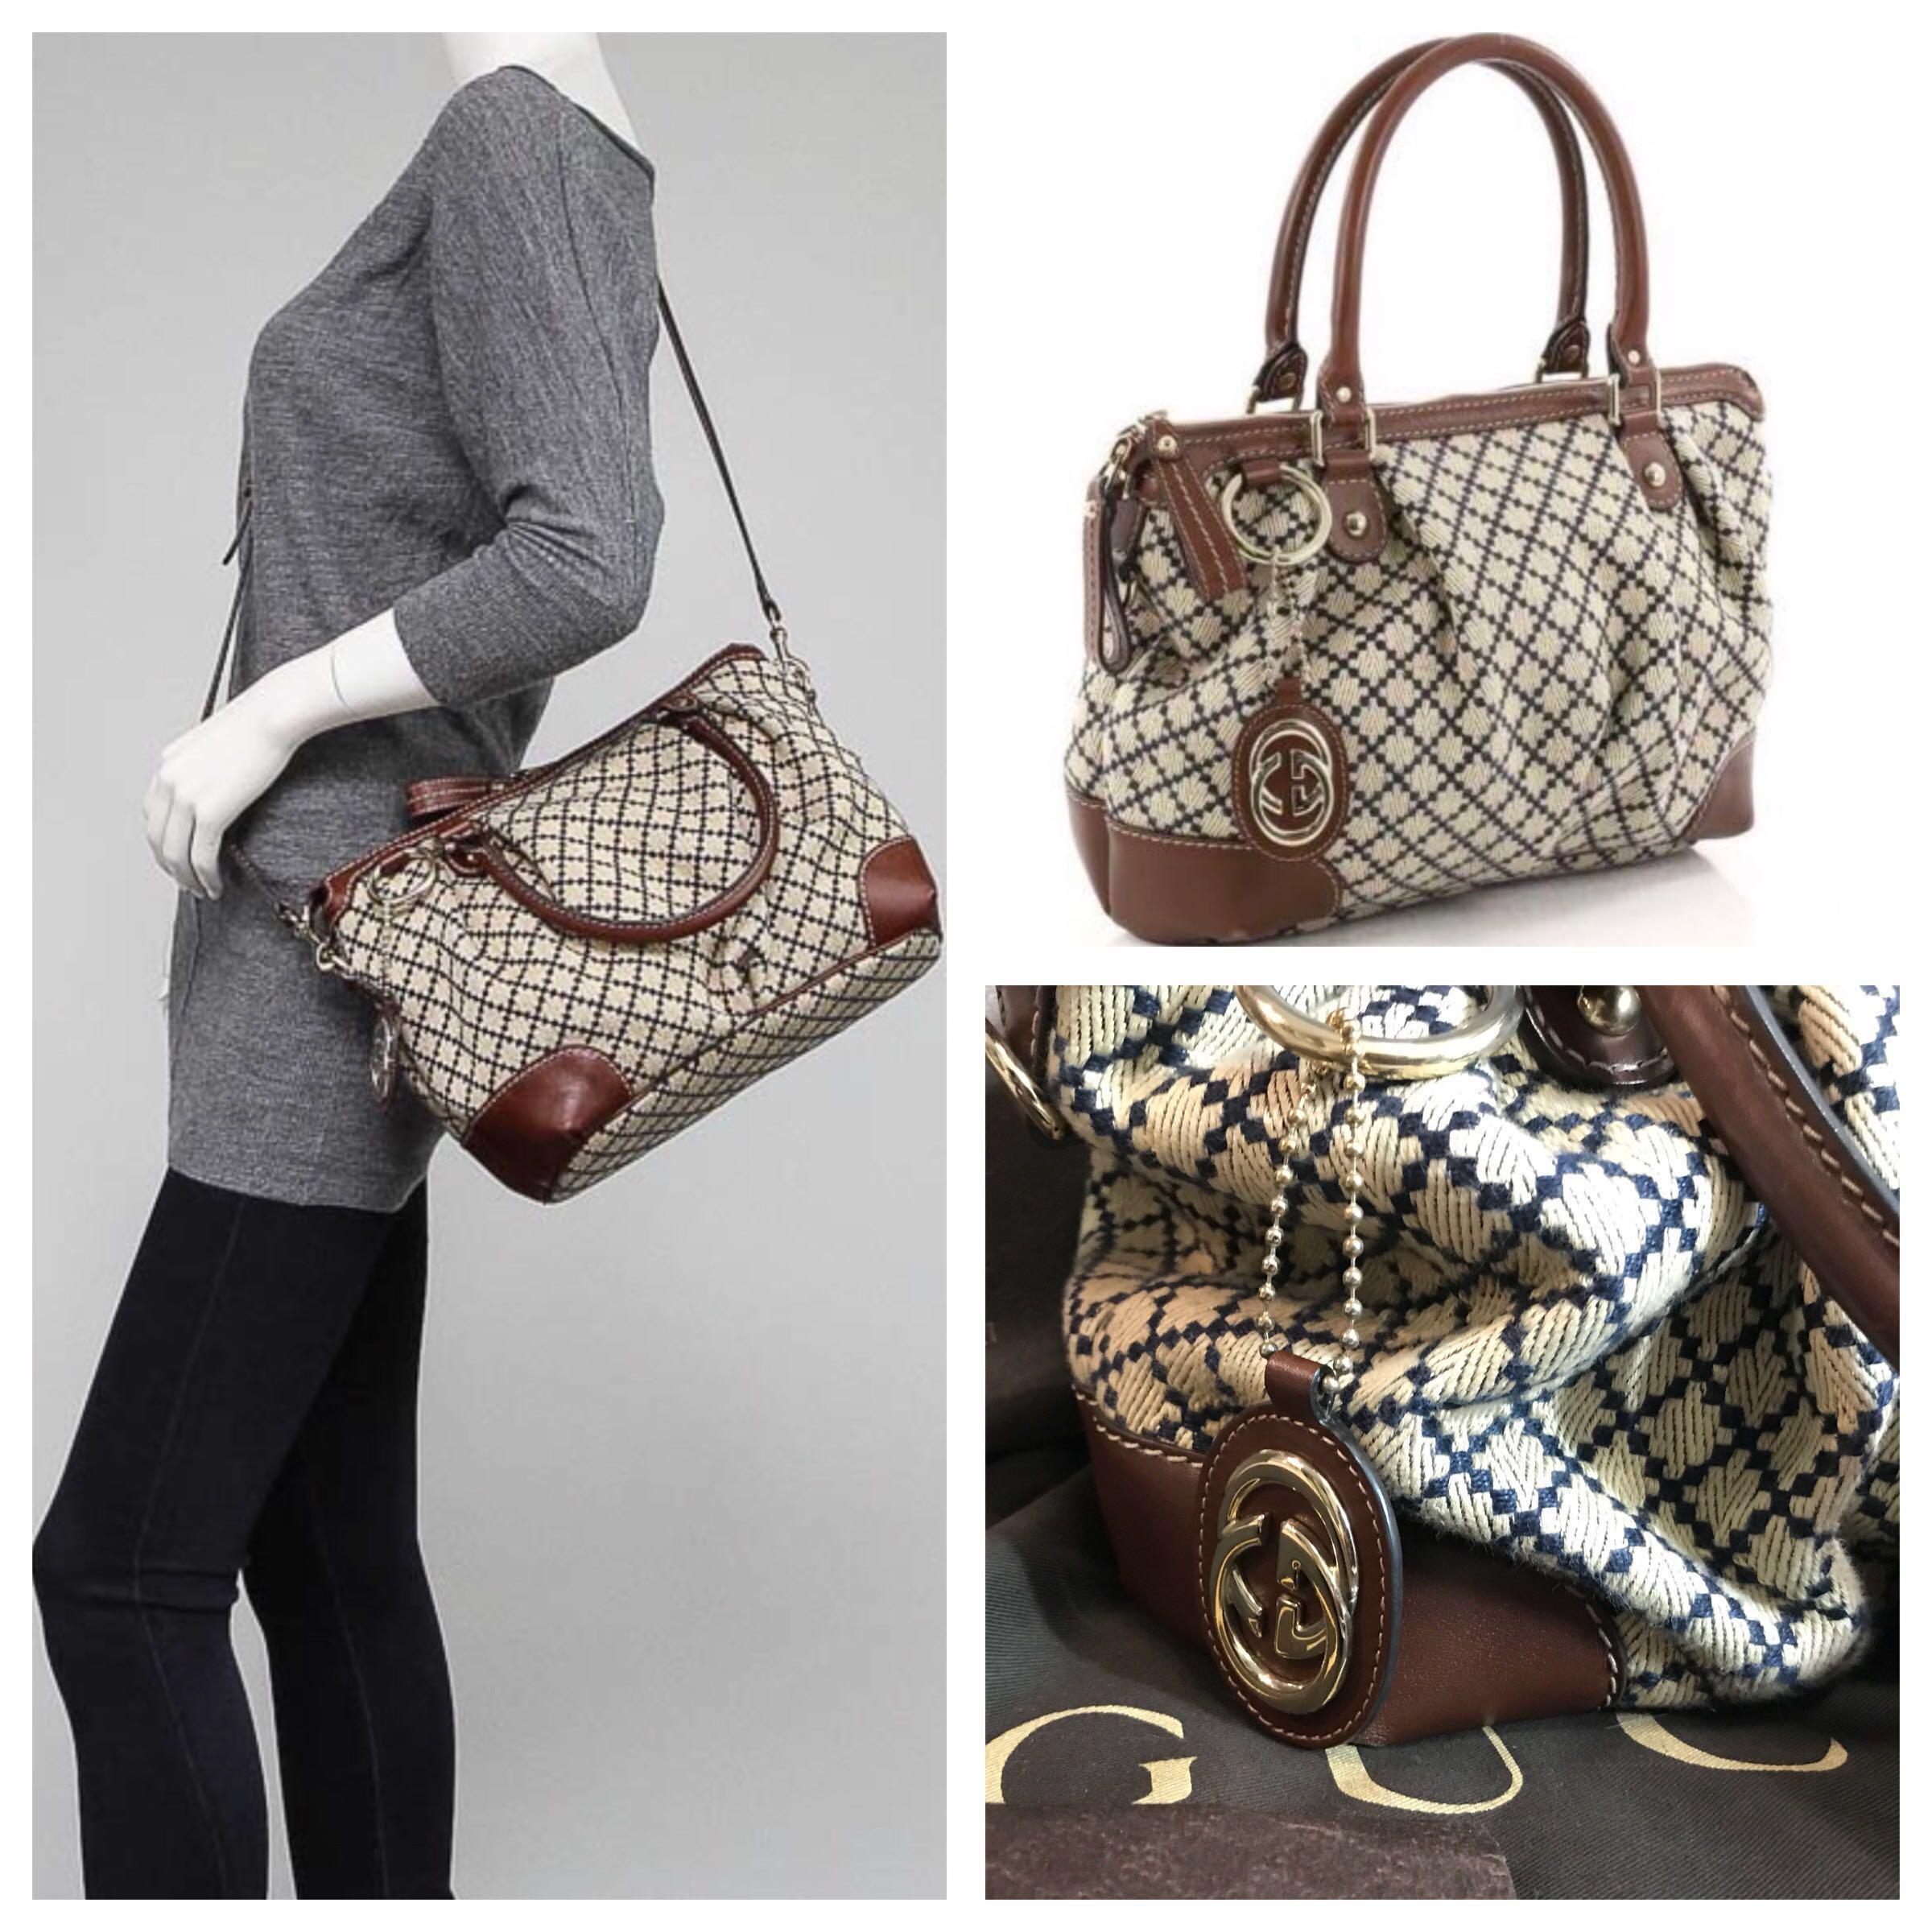 e99b236e846 Authentic Gucci two way top handle women's handbag, Women's Fashion ...